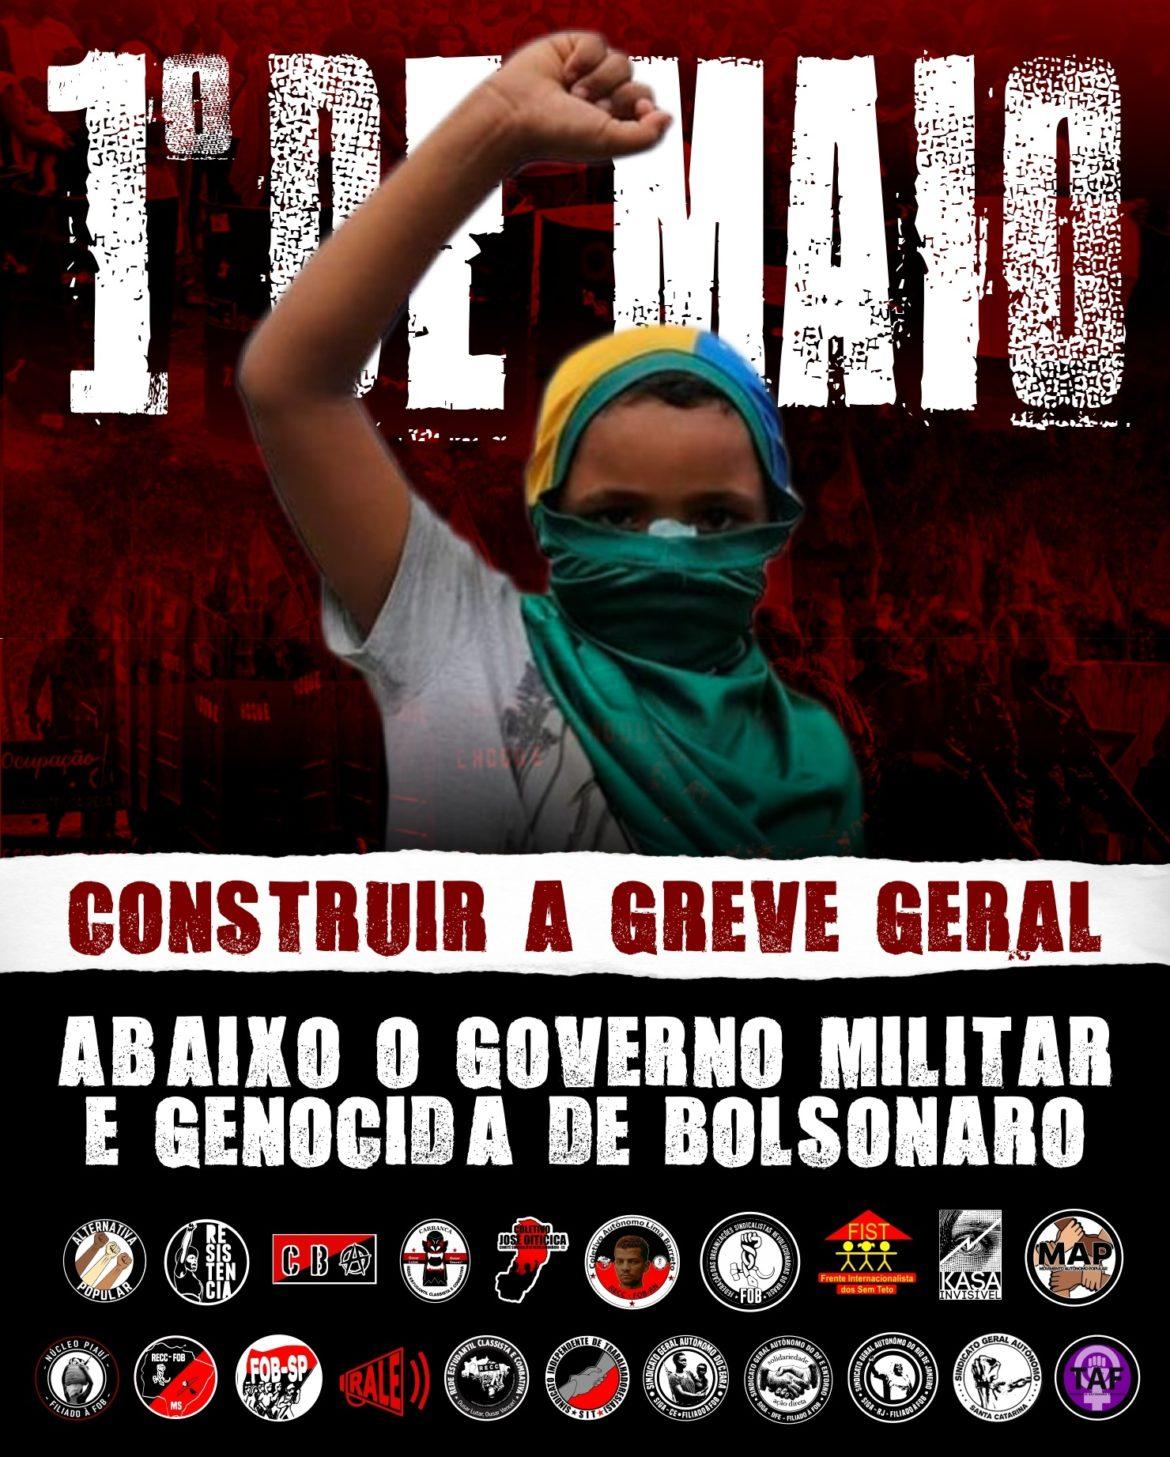 Manifesto unificado do 1º de Maio: construir a Greve Geral. Abaixo o governo militar/genocida de Bolsonaro!